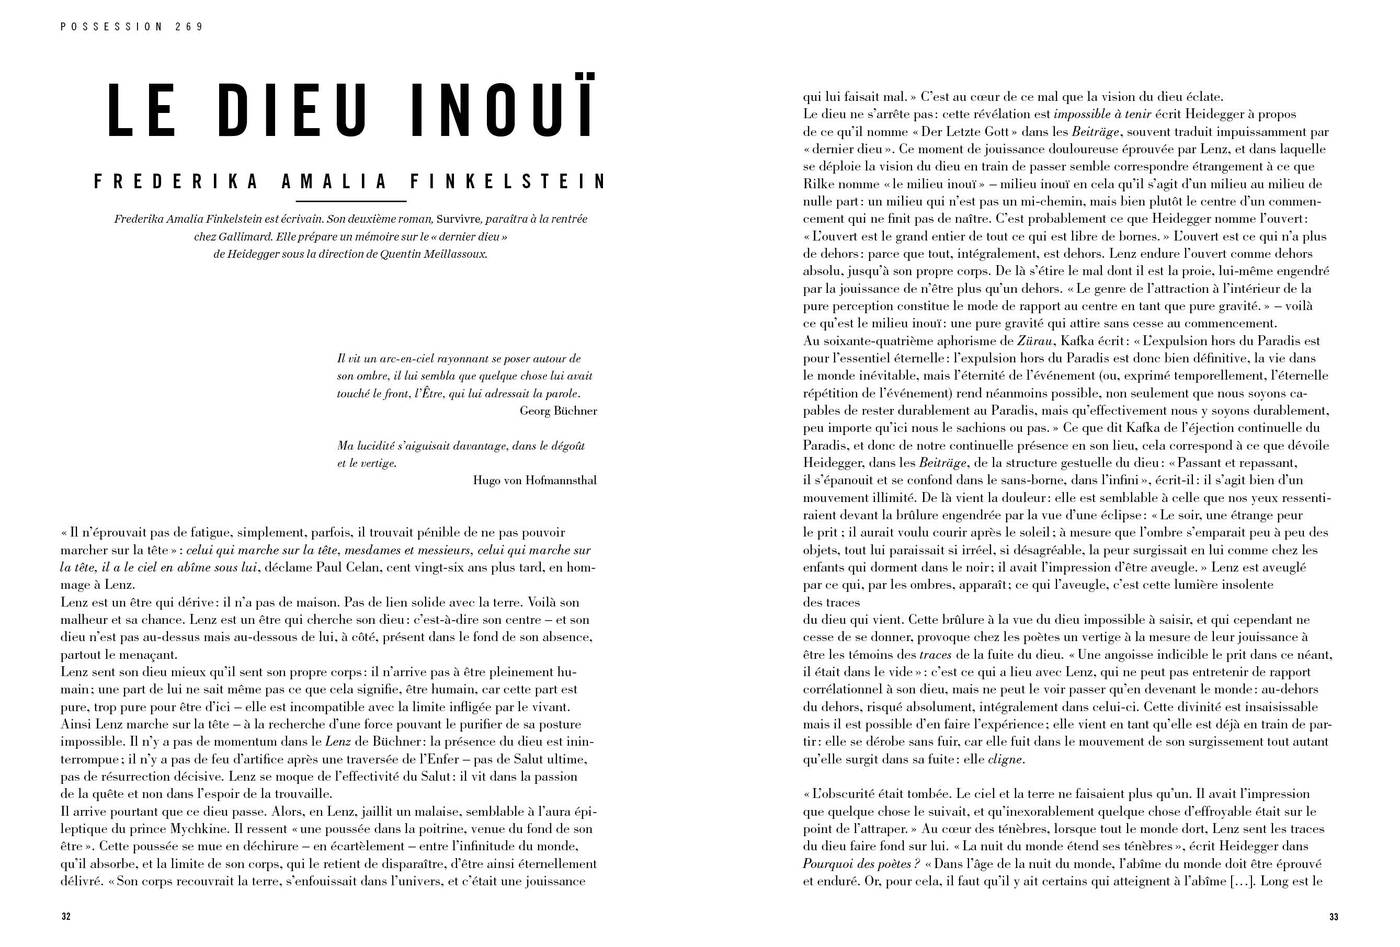 Texte de Frederika Amalia Finkelstein, Le Dieu inouï